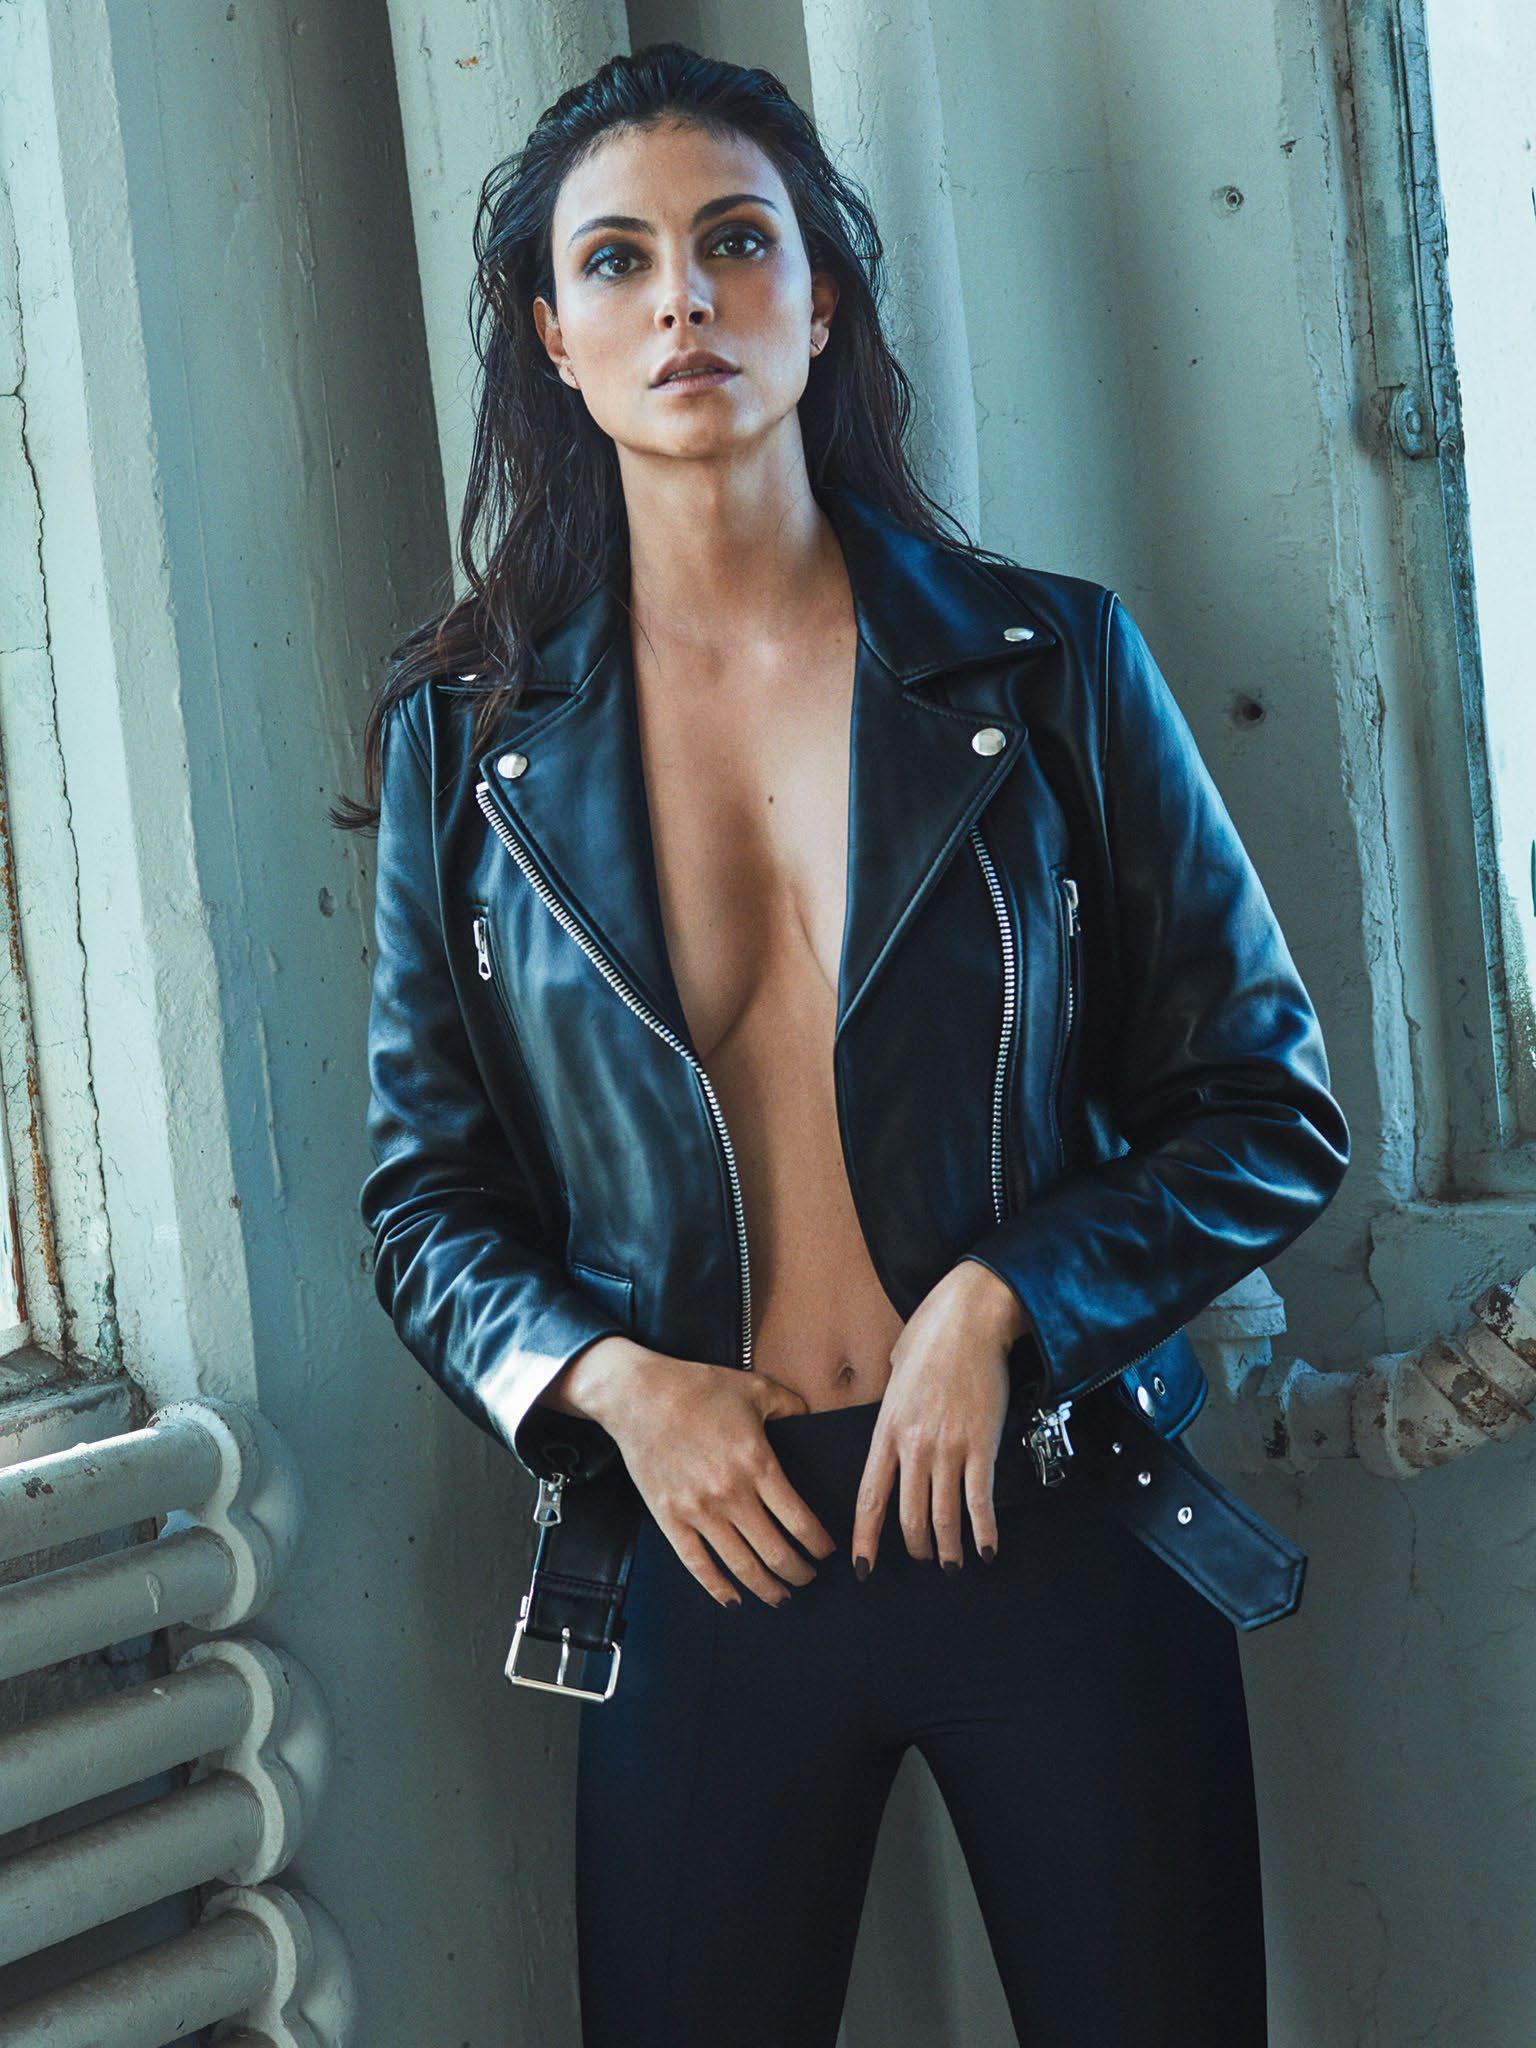 Morena Baccarin naked boobs